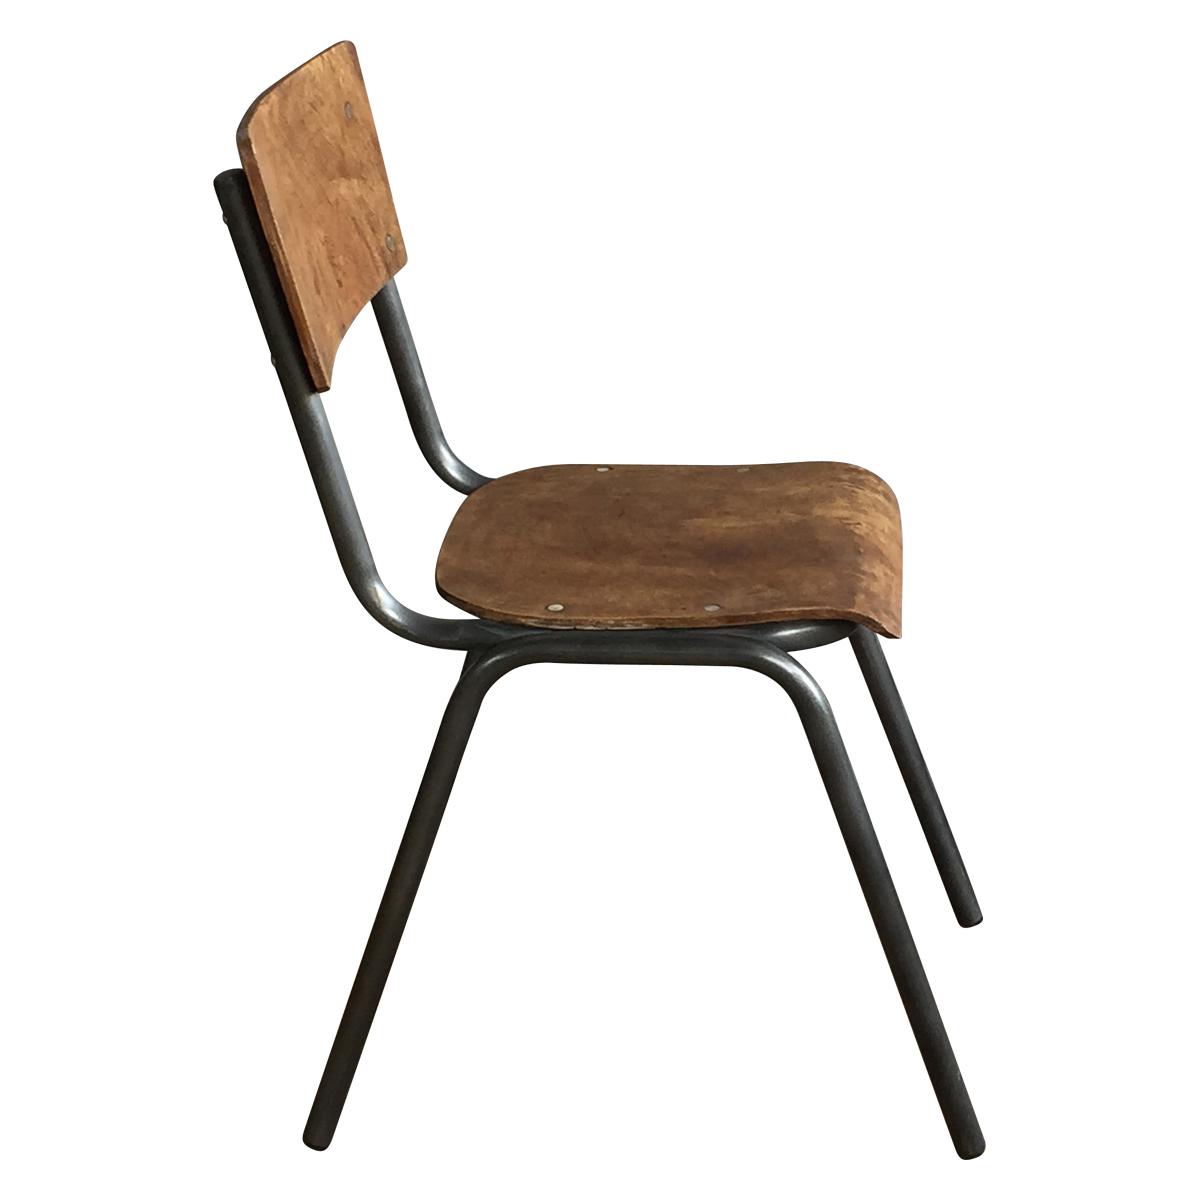 Chaise d 39 ecolier style vintage industriel demeure et jardin for Chaise ecolier vintage